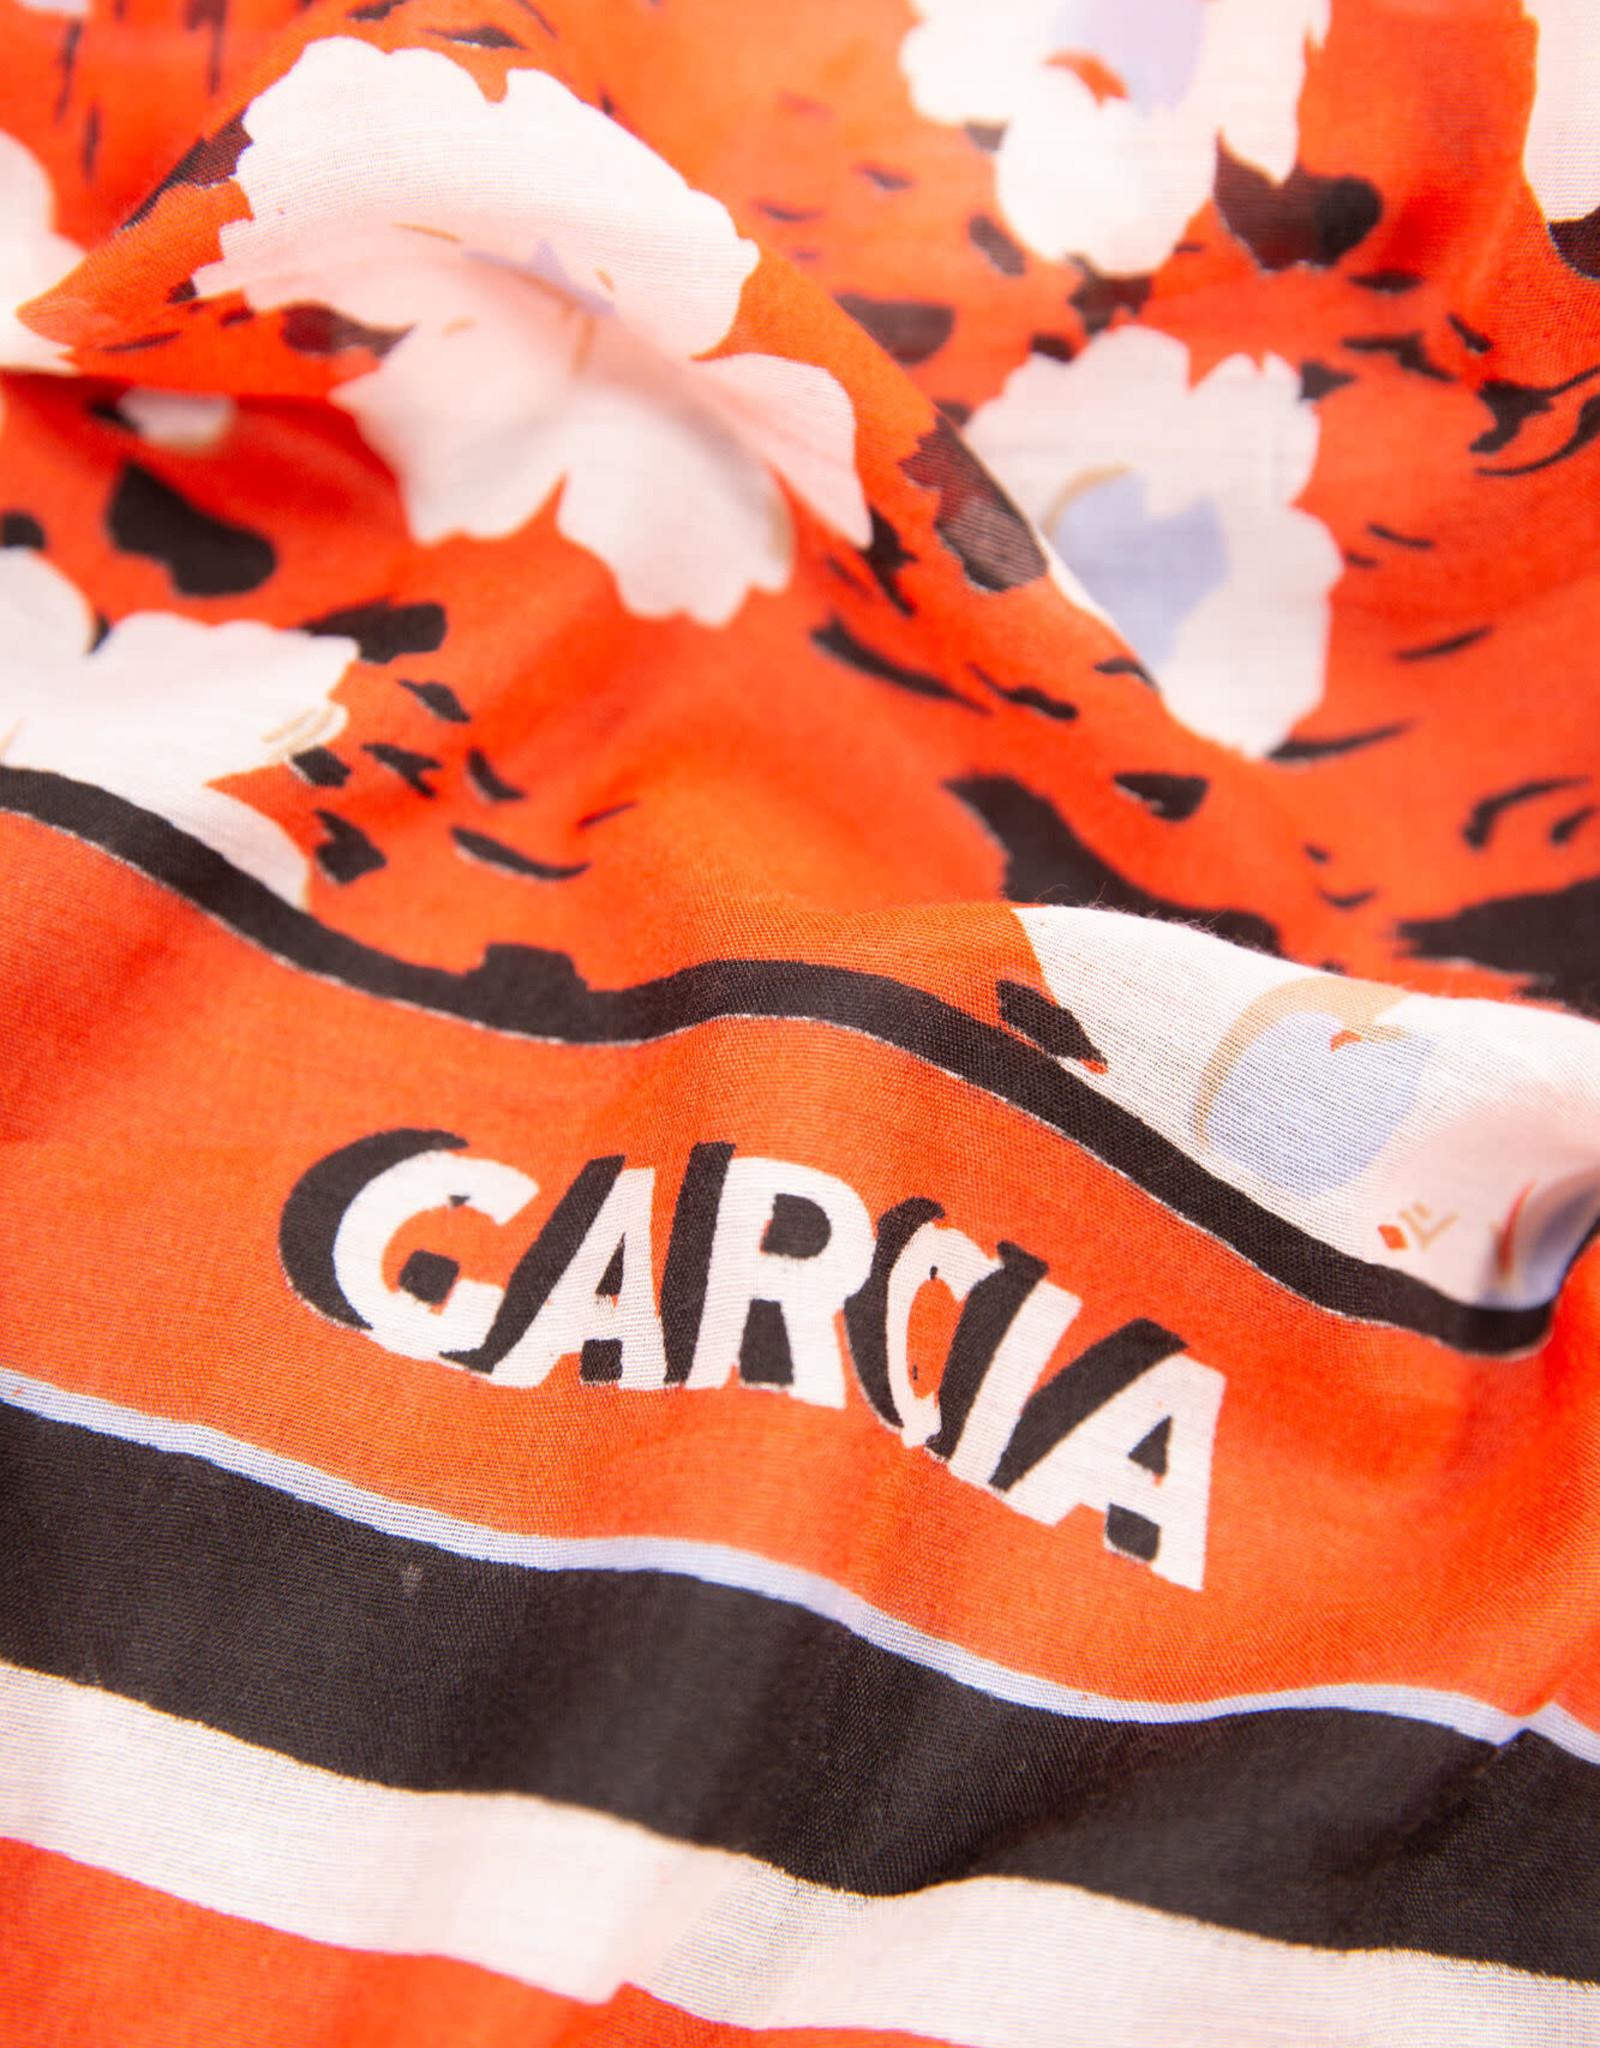 Garcia Garcia- D10130